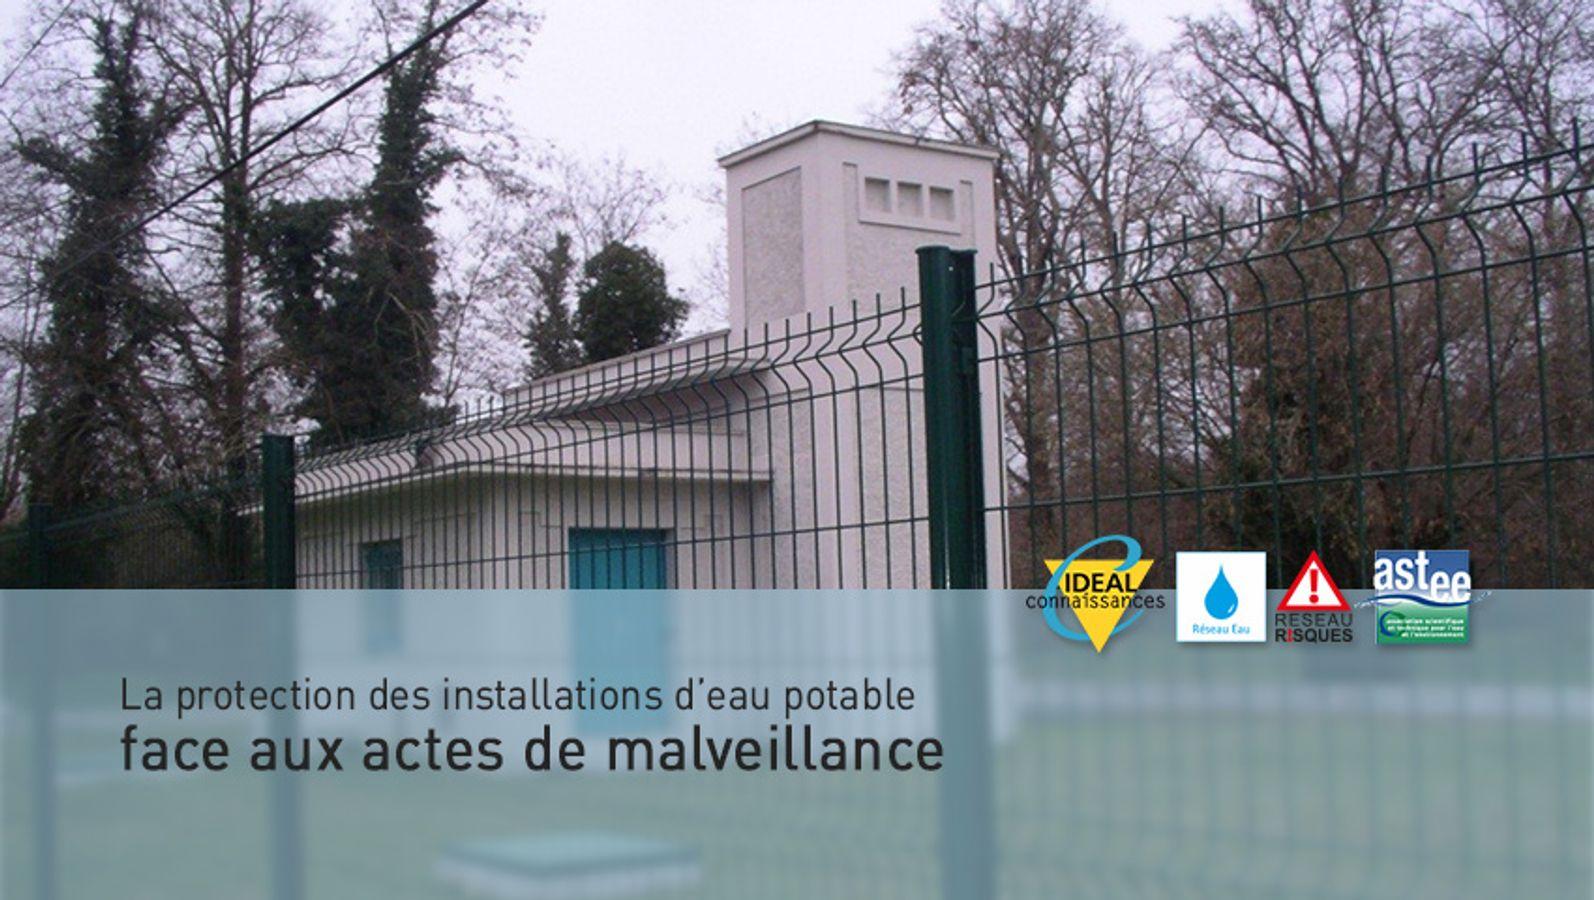 La protection des installations d'eau potable face aux actes de malveillance